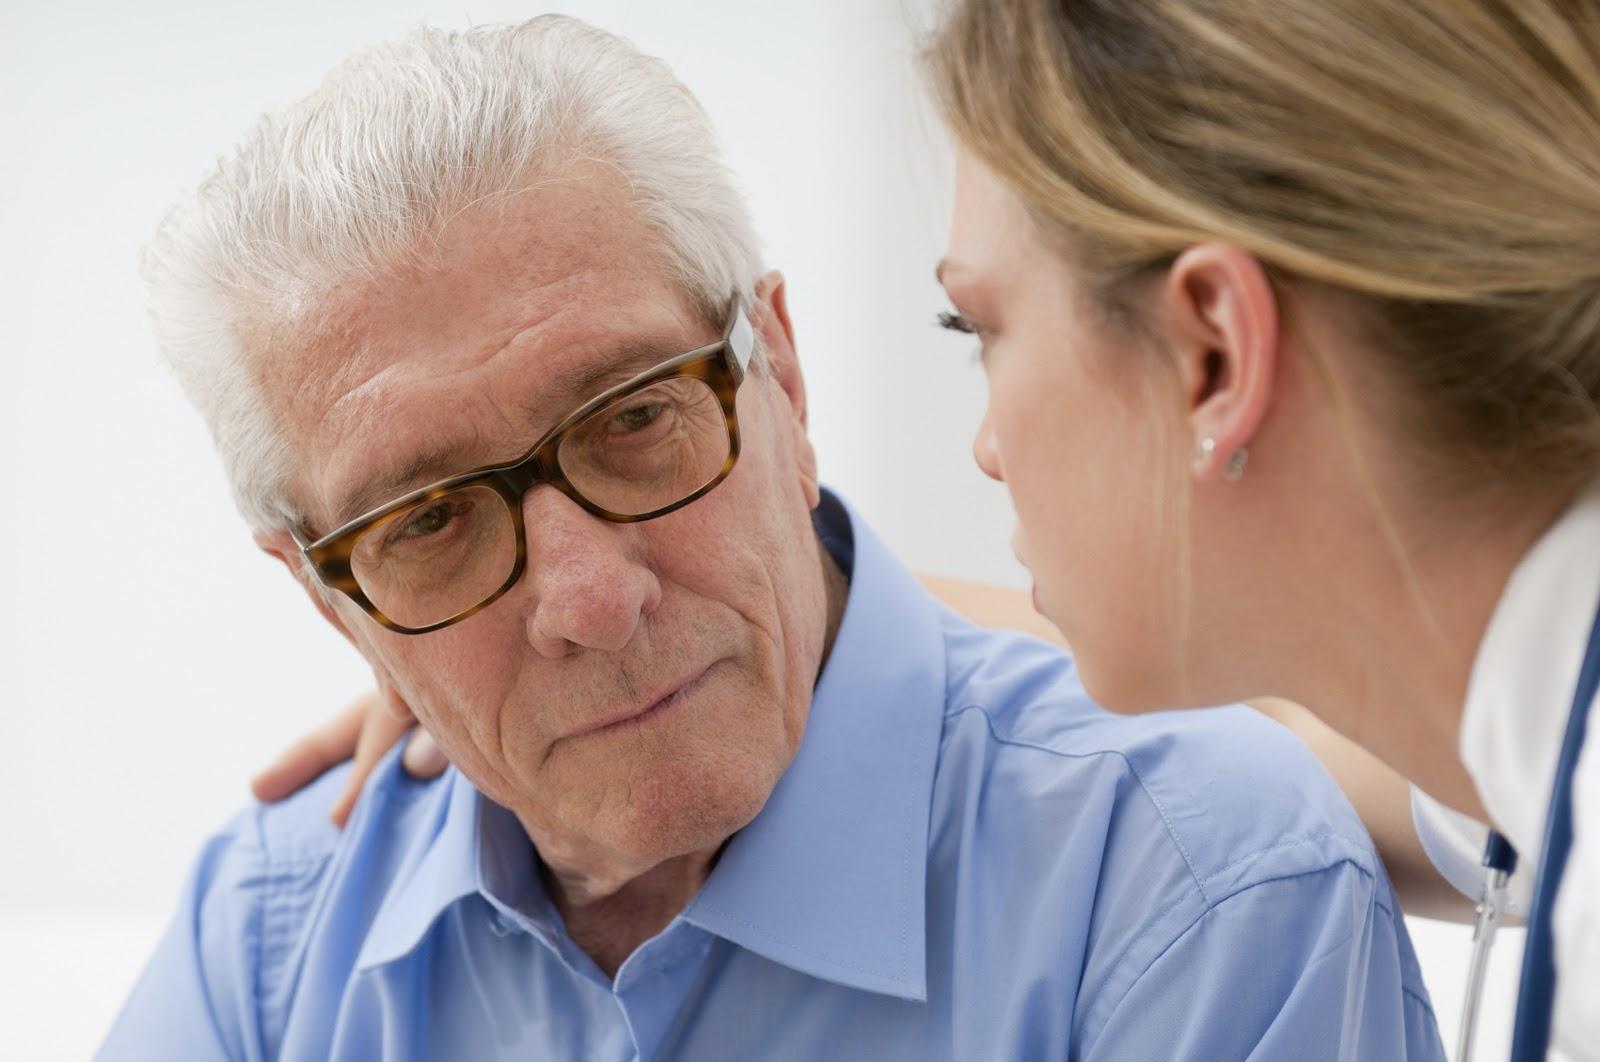 Tiểu máu ở người cao tuổi: Dấu hiệu cảnh báo nhiều bệnh lý nguy hiểm